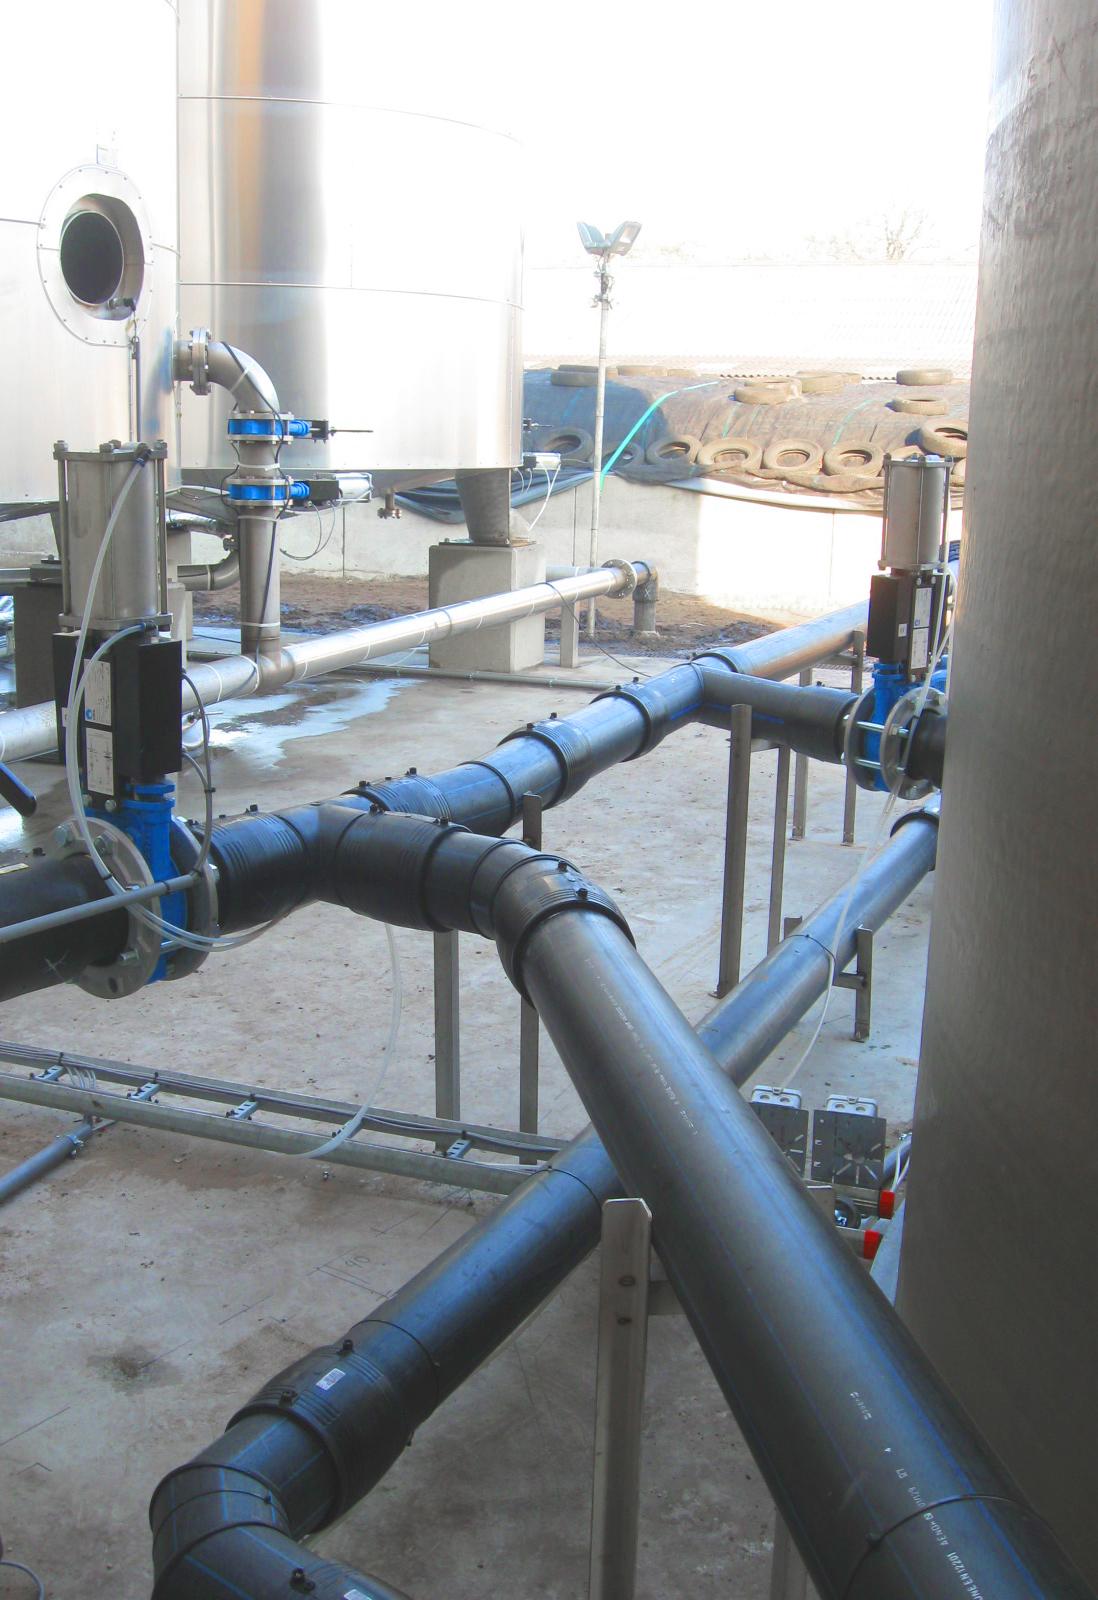 07 Planta de Biogás de 2 MW en Moerstraten Países Bajos - Conexion tanques inoxidable y fibra